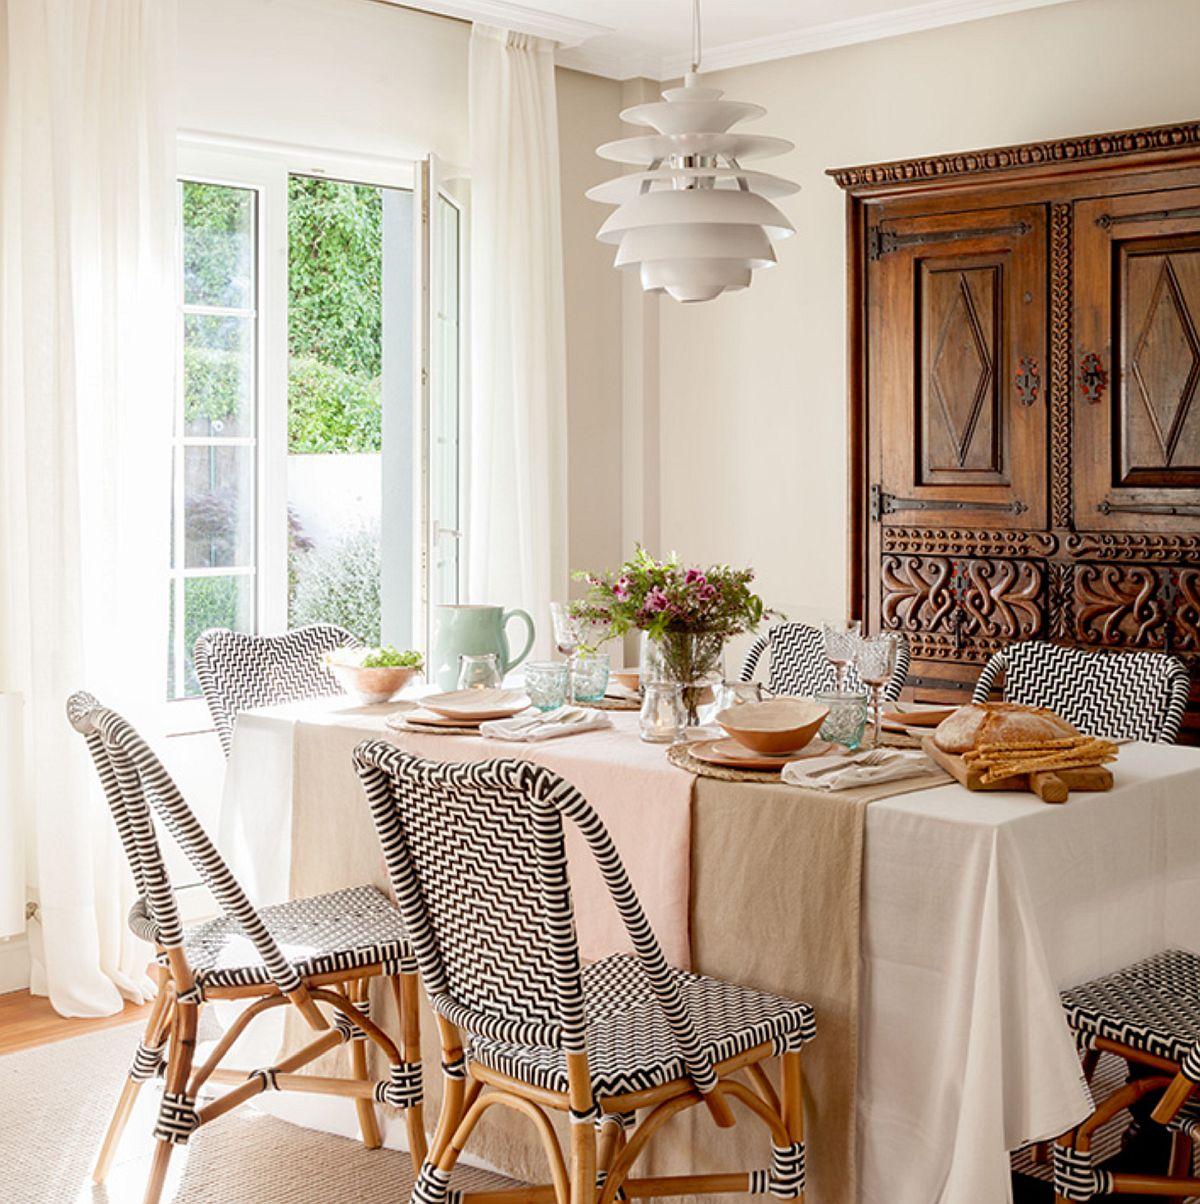 Pentru a conferi o notă lejeră, familiară și totodată actuală, designerul a prevăzut ca scaunele mesei de sufragerie să fie unele din gama mobilierului de grădină. Mai multe texturi din lemn, dar și o textură nouă, aceea a împletiturii în alb și negru.